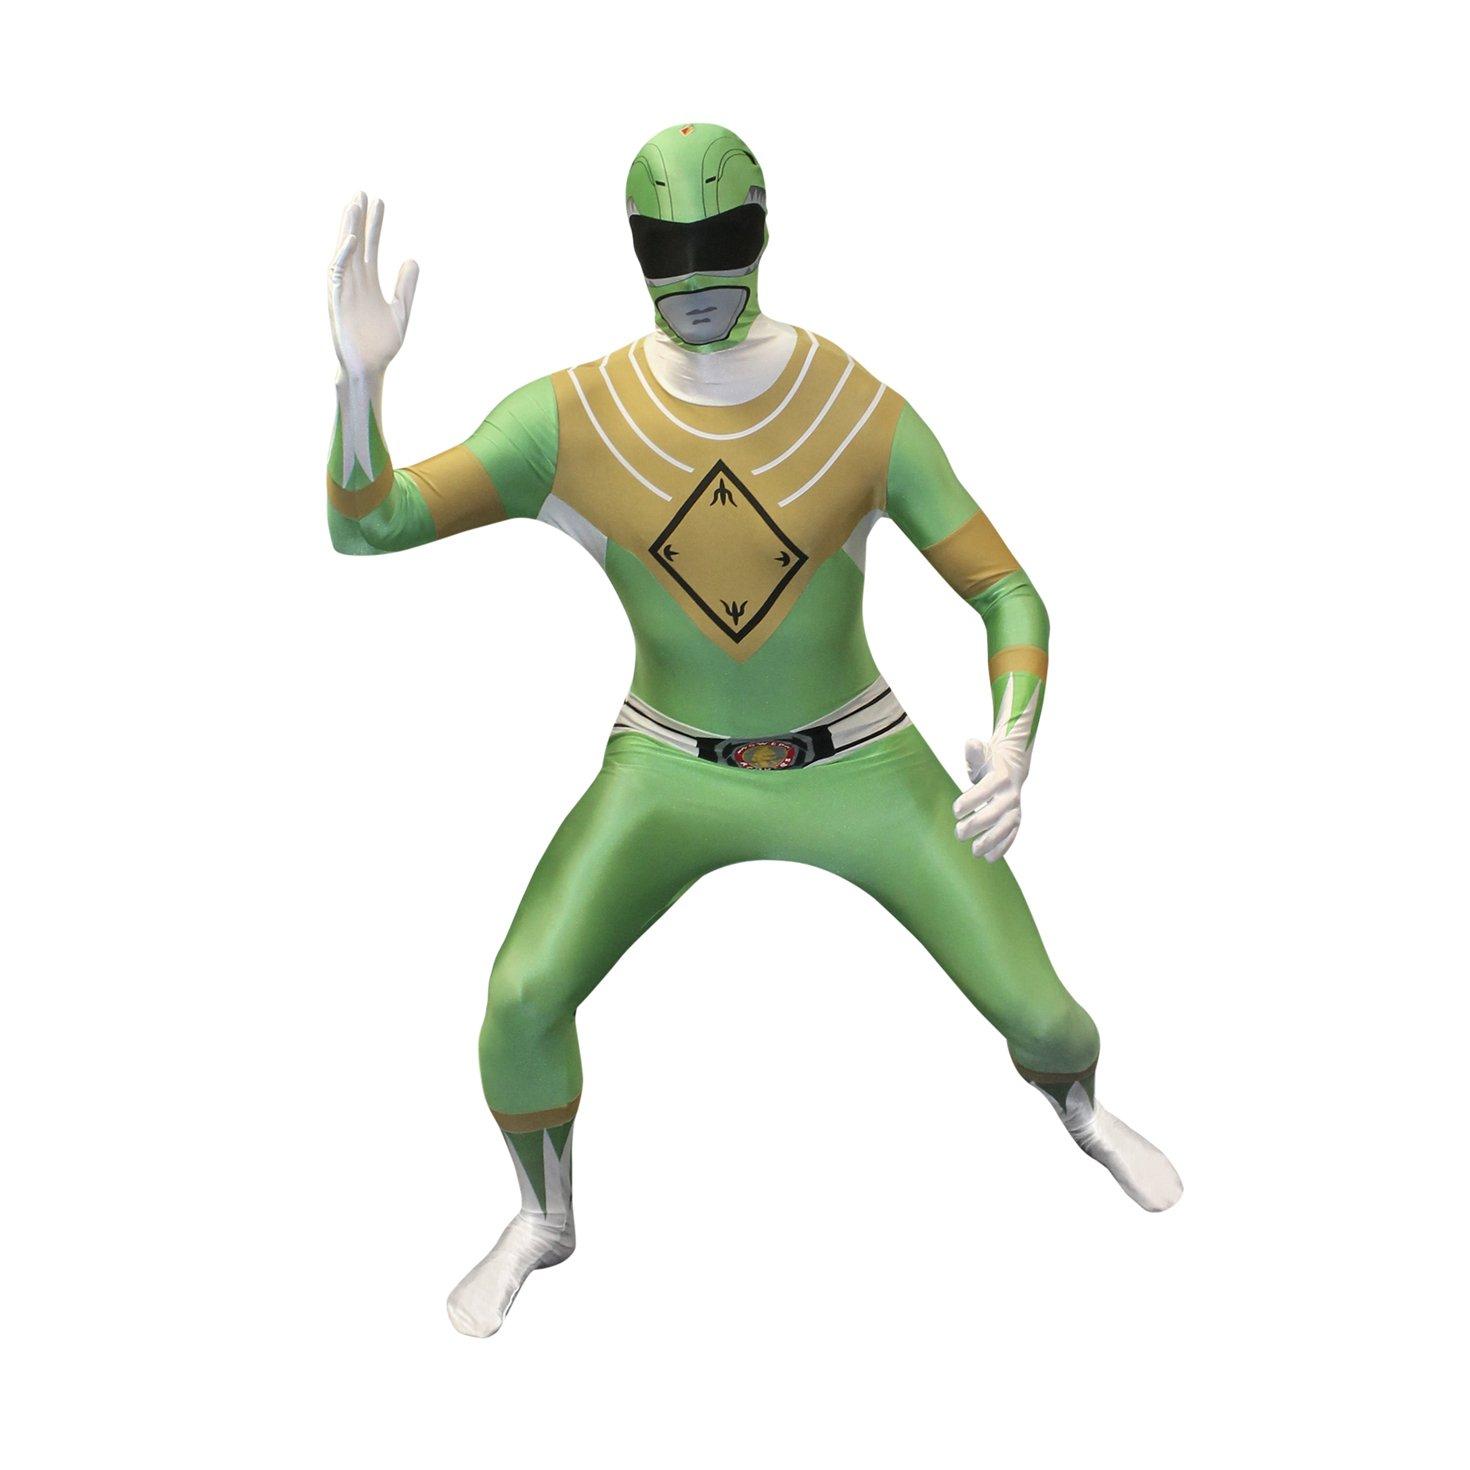 Morphsuits - disfraz de vestuario como Power Rangers, adulto, tamaño: XXL, color: verde